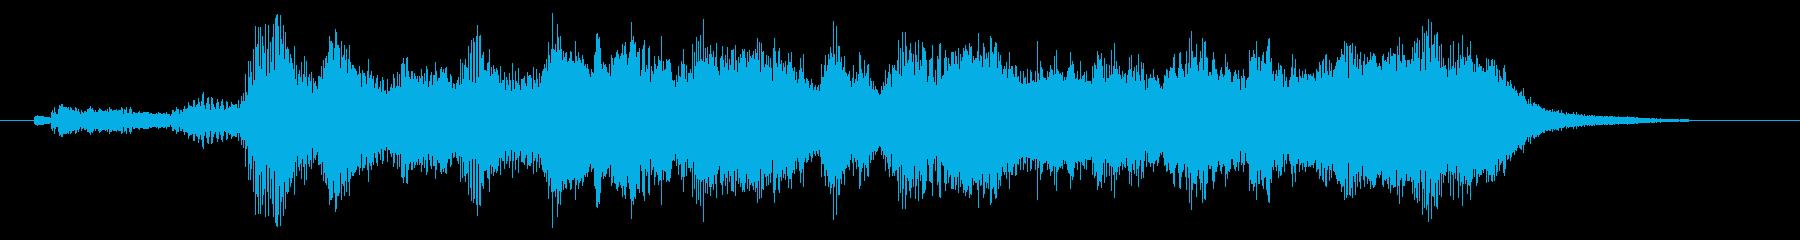 ほのぼのとしたオーケストラジングルの再生済みの波形